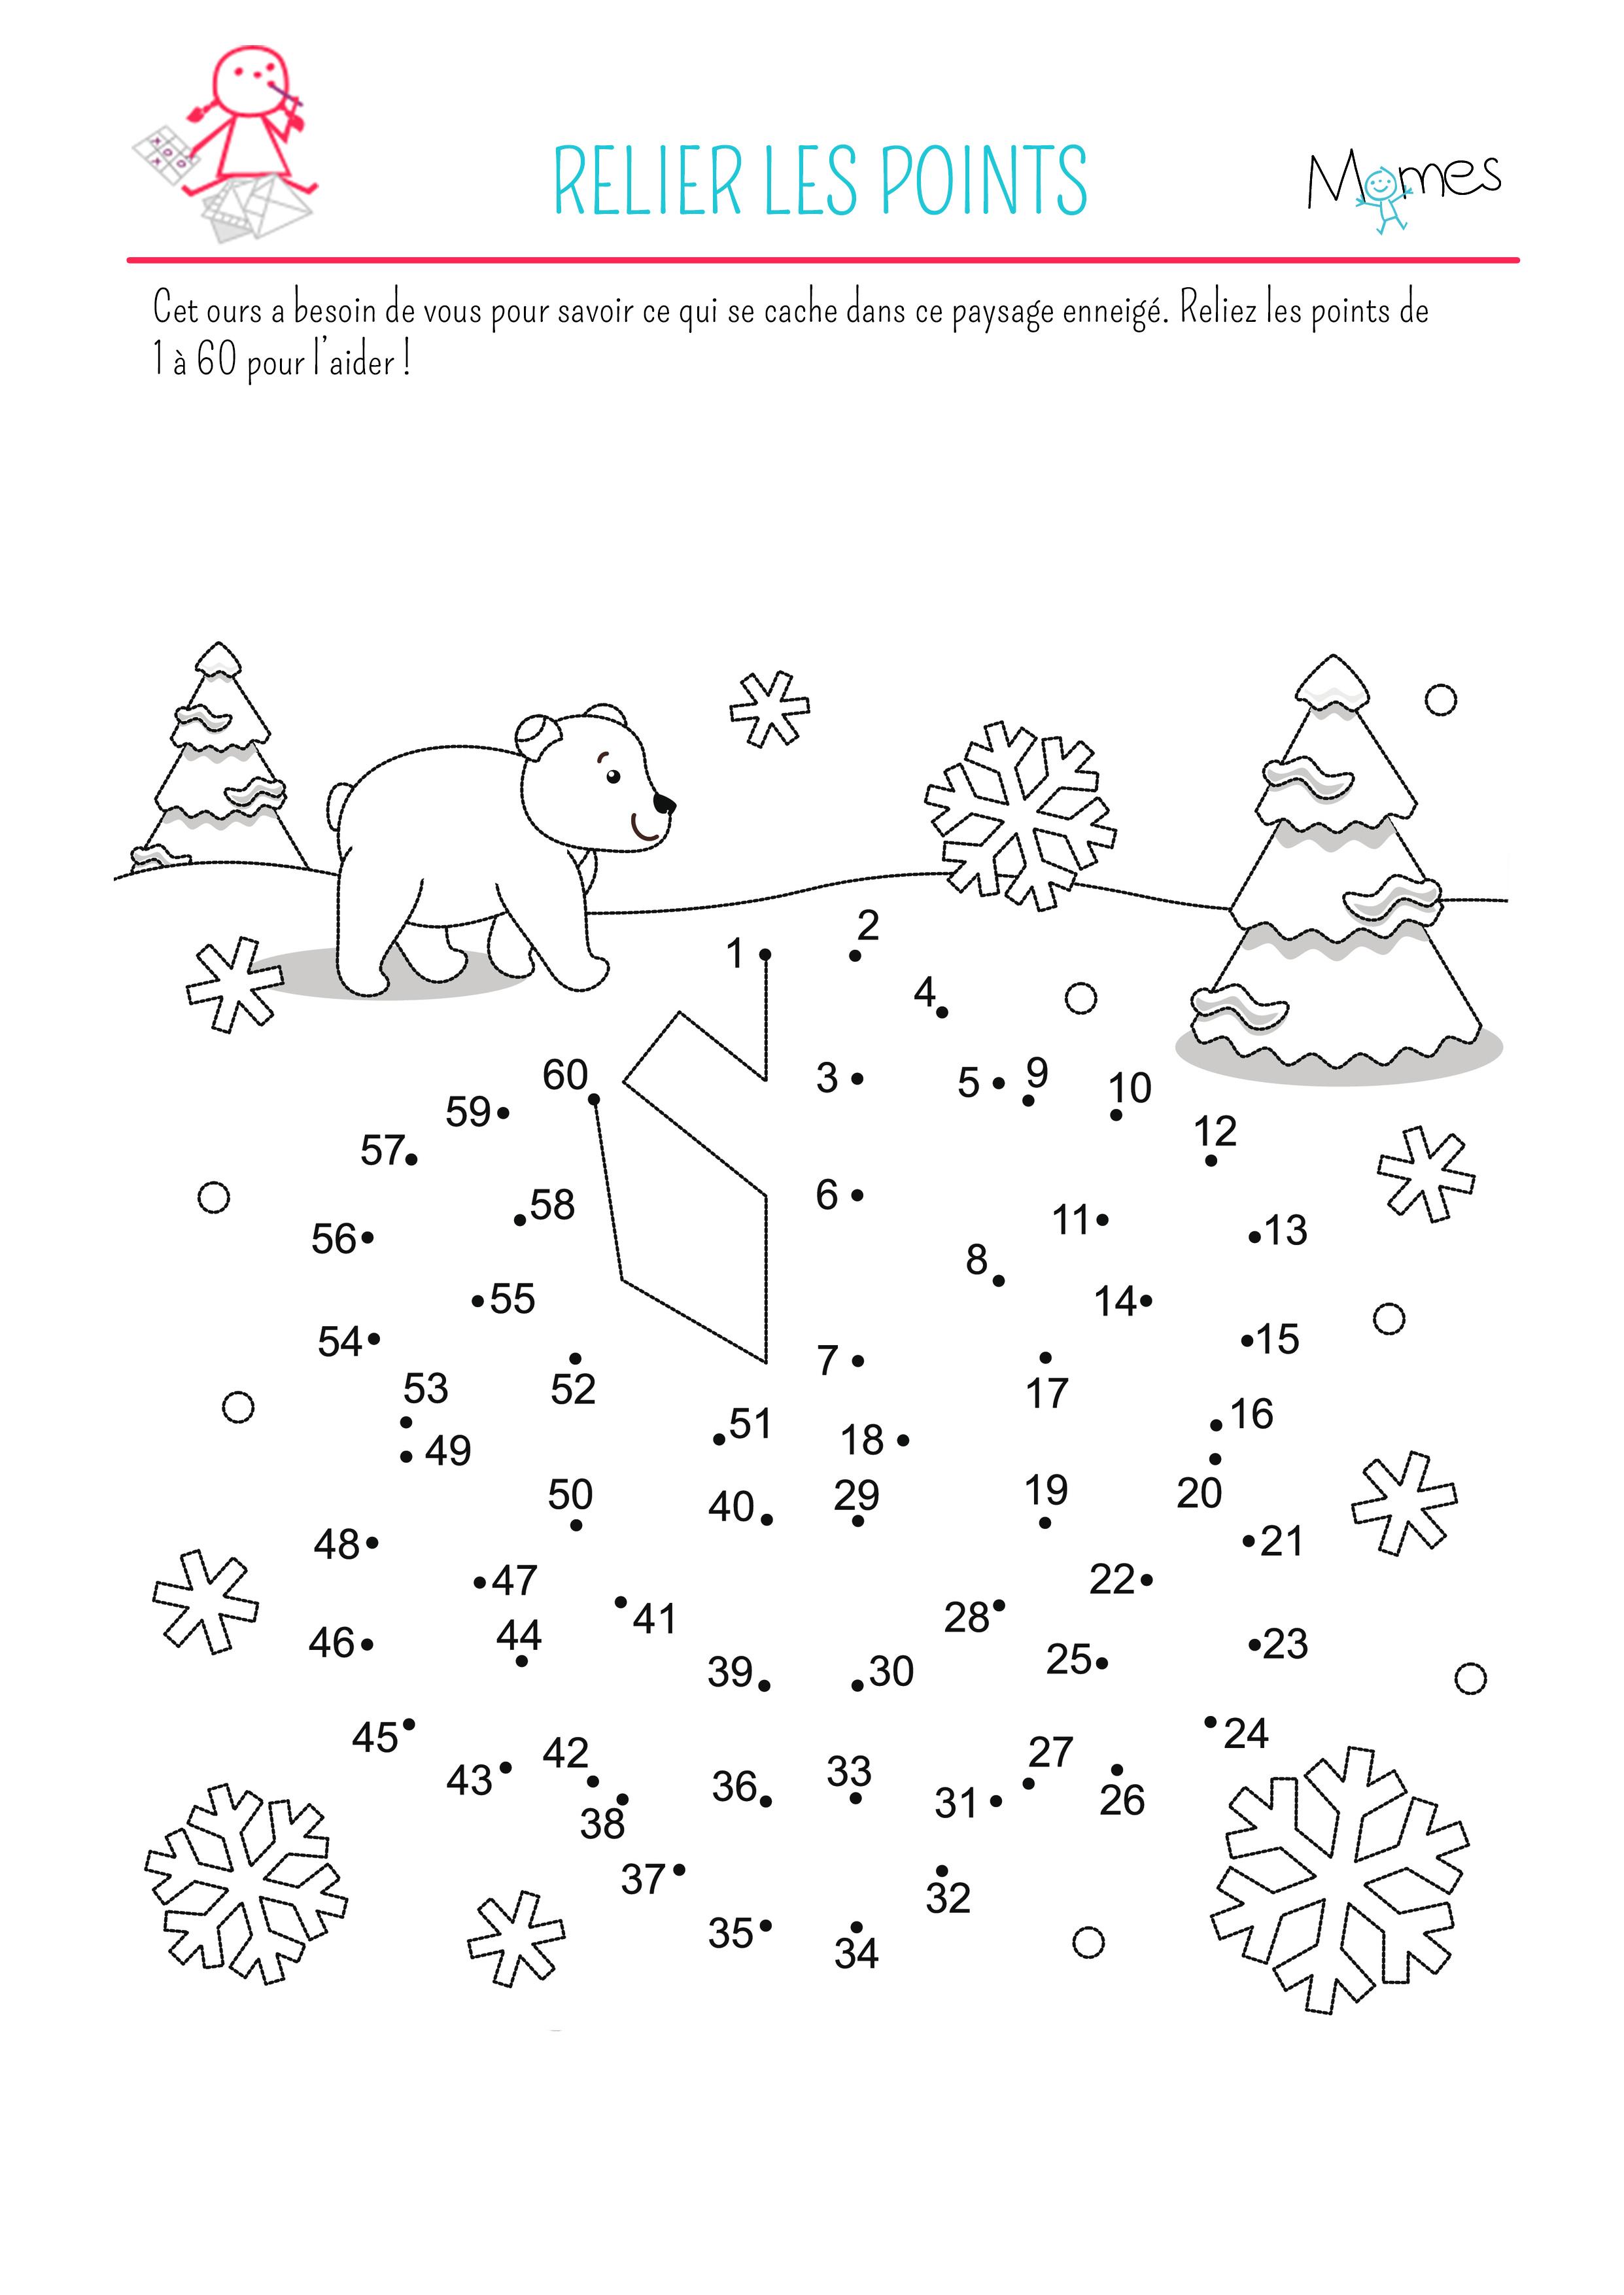 Relier les points : la neige